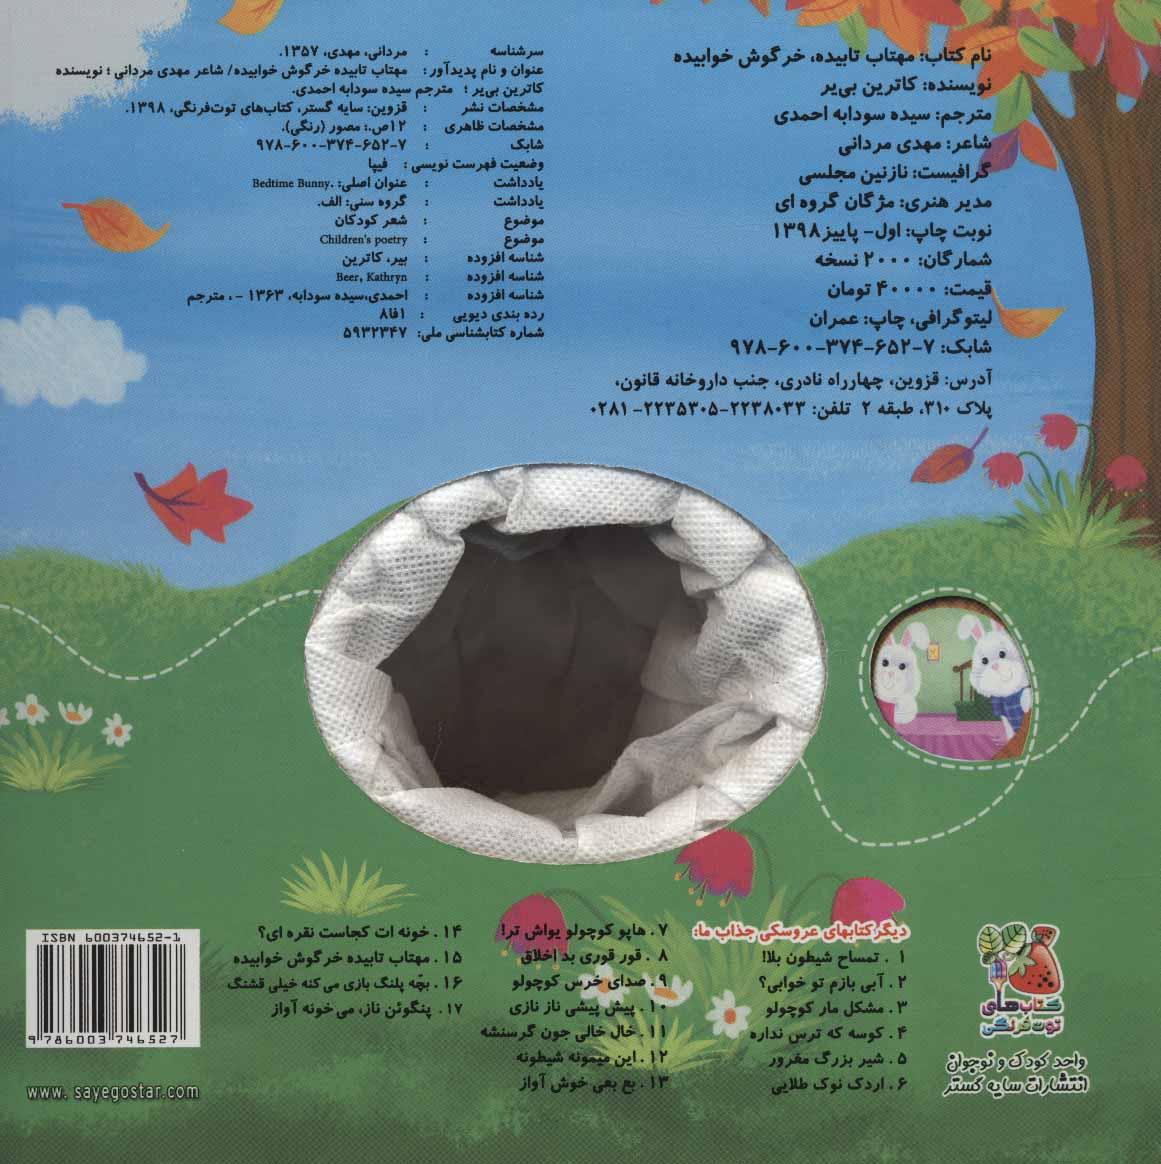 کتاب عروسکی15 (مهتاب تابیده خرگوش خوابیده)،(گلاسه)